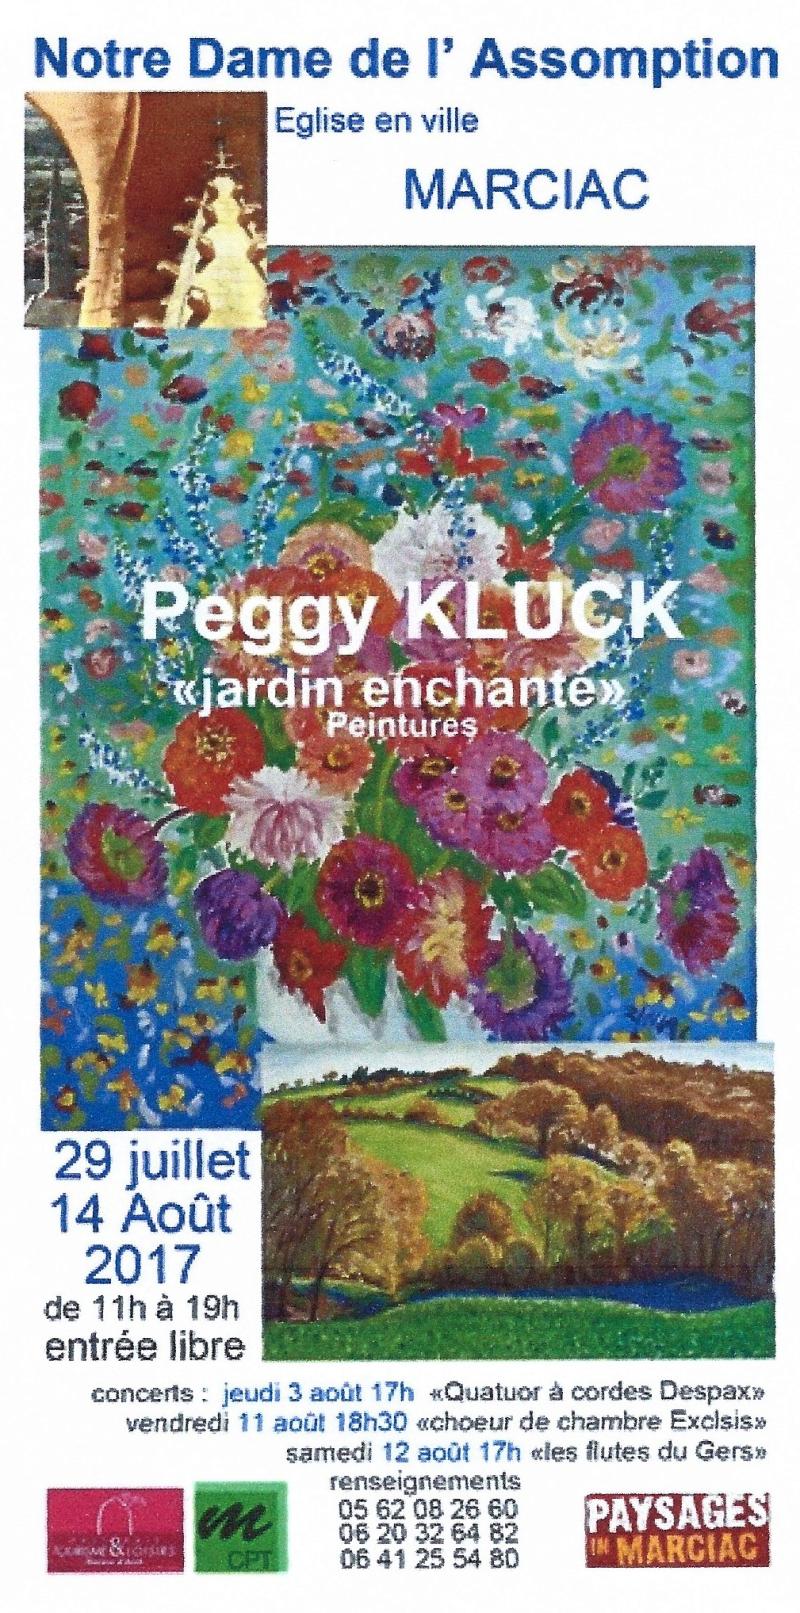 01 NDA 2017 Peggy Kluck projet 1